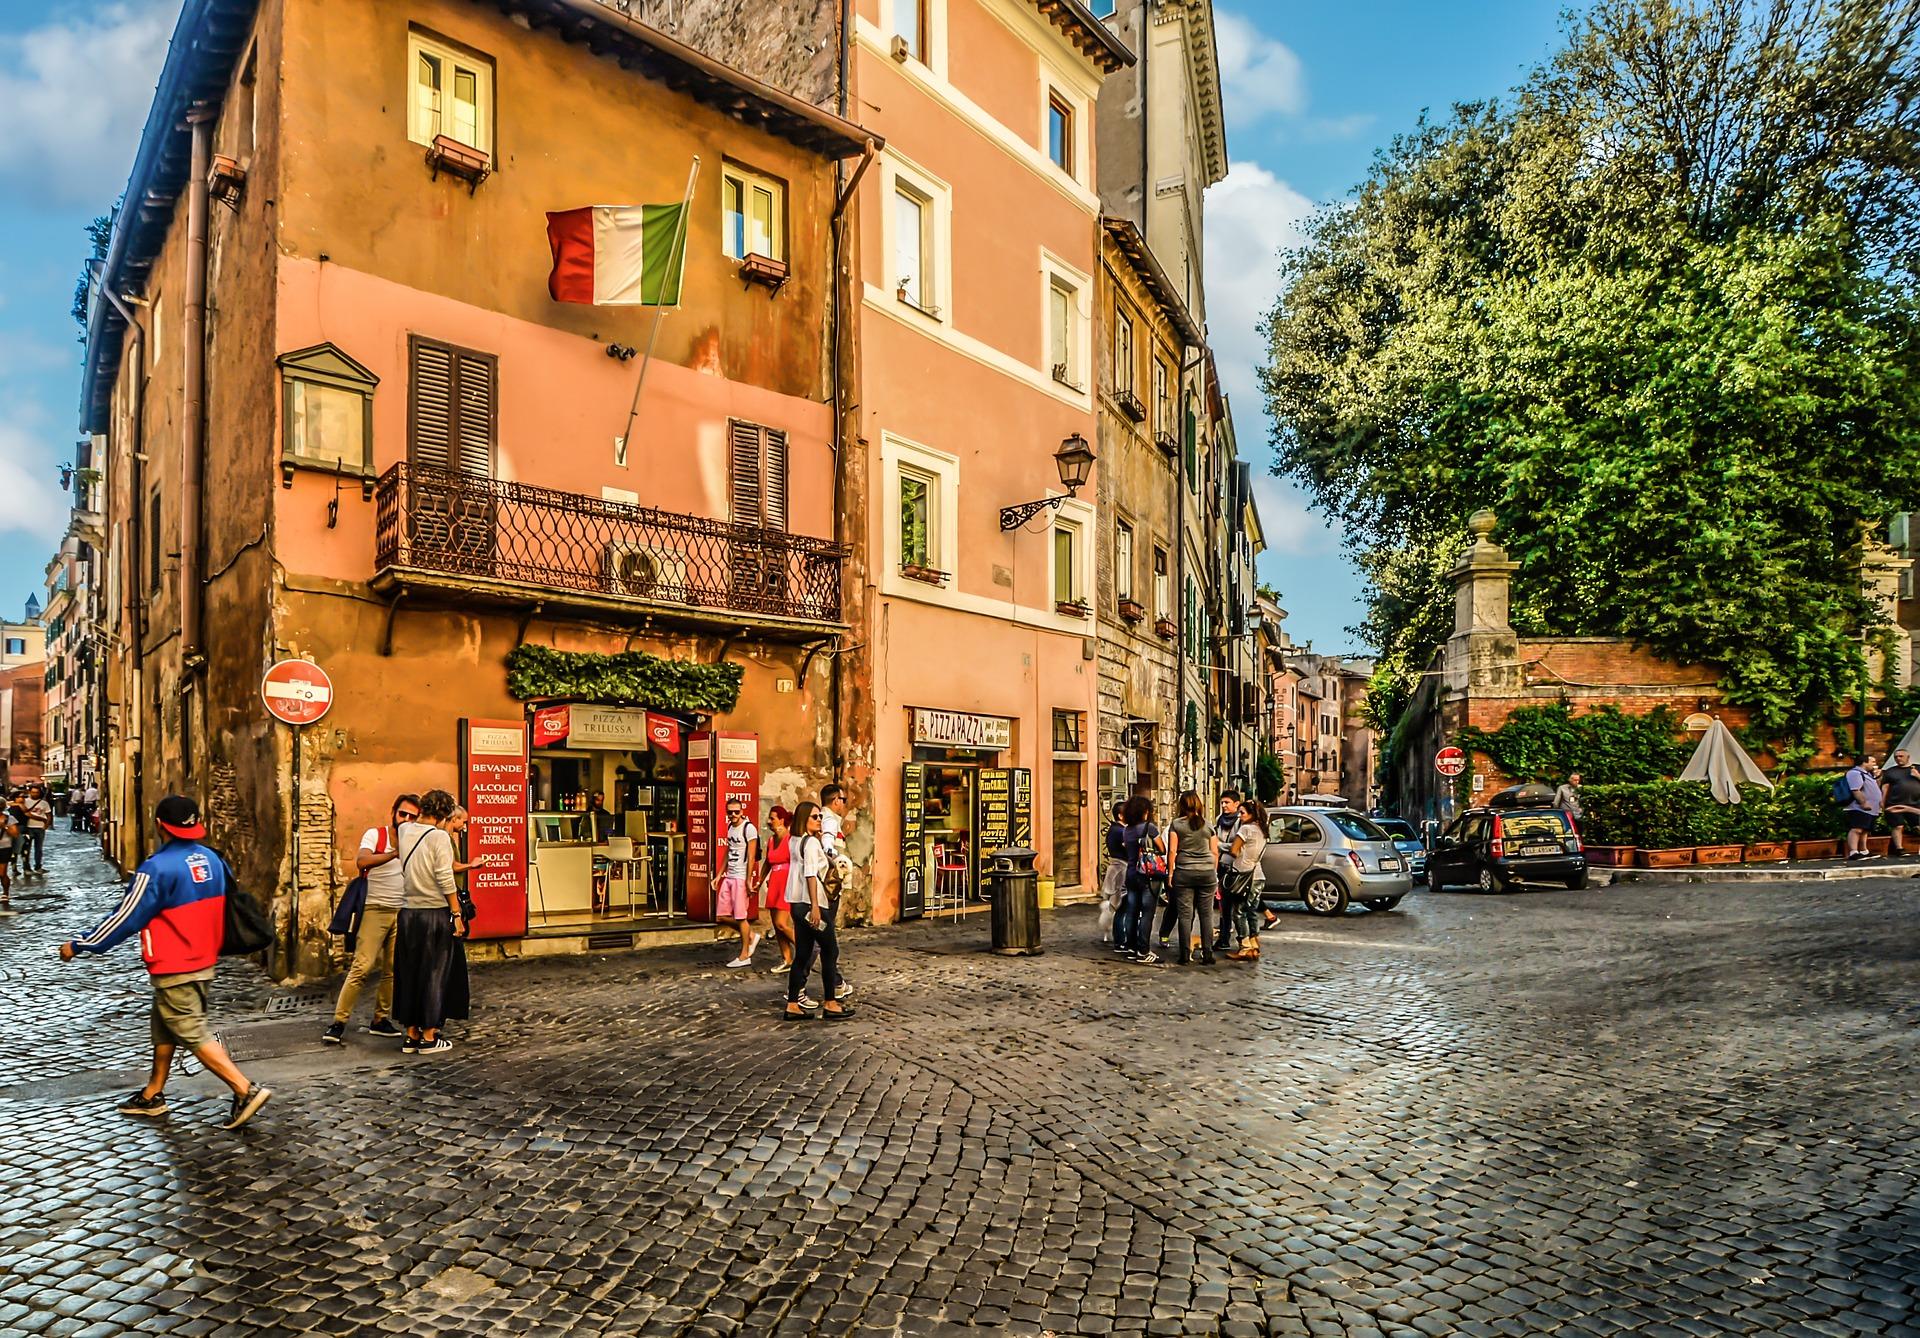 Trastevere come arrivare cosa vedere dove mangiare for Cosa mangiare a roma